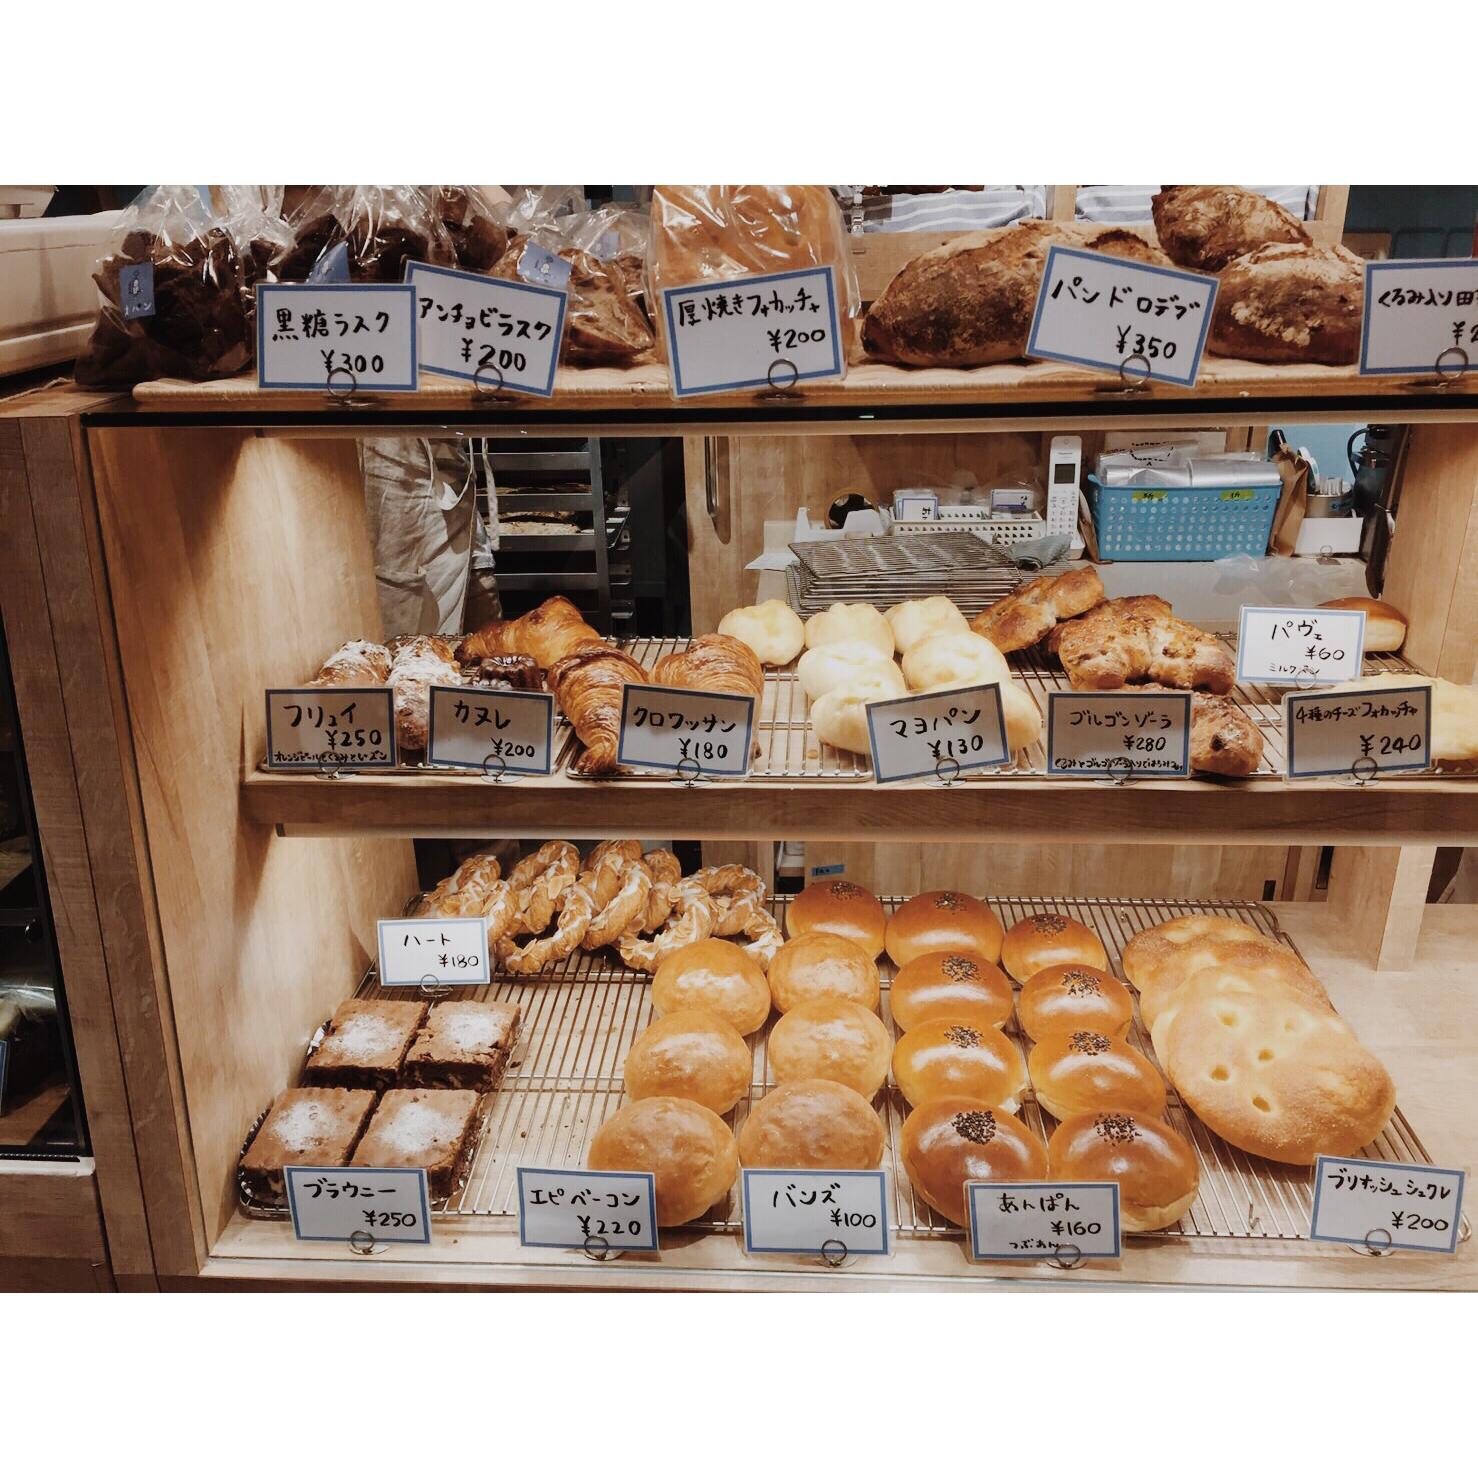 本日のパン棚(2016.09.30)   OPAN オパン 東京 笹塚のパン屋